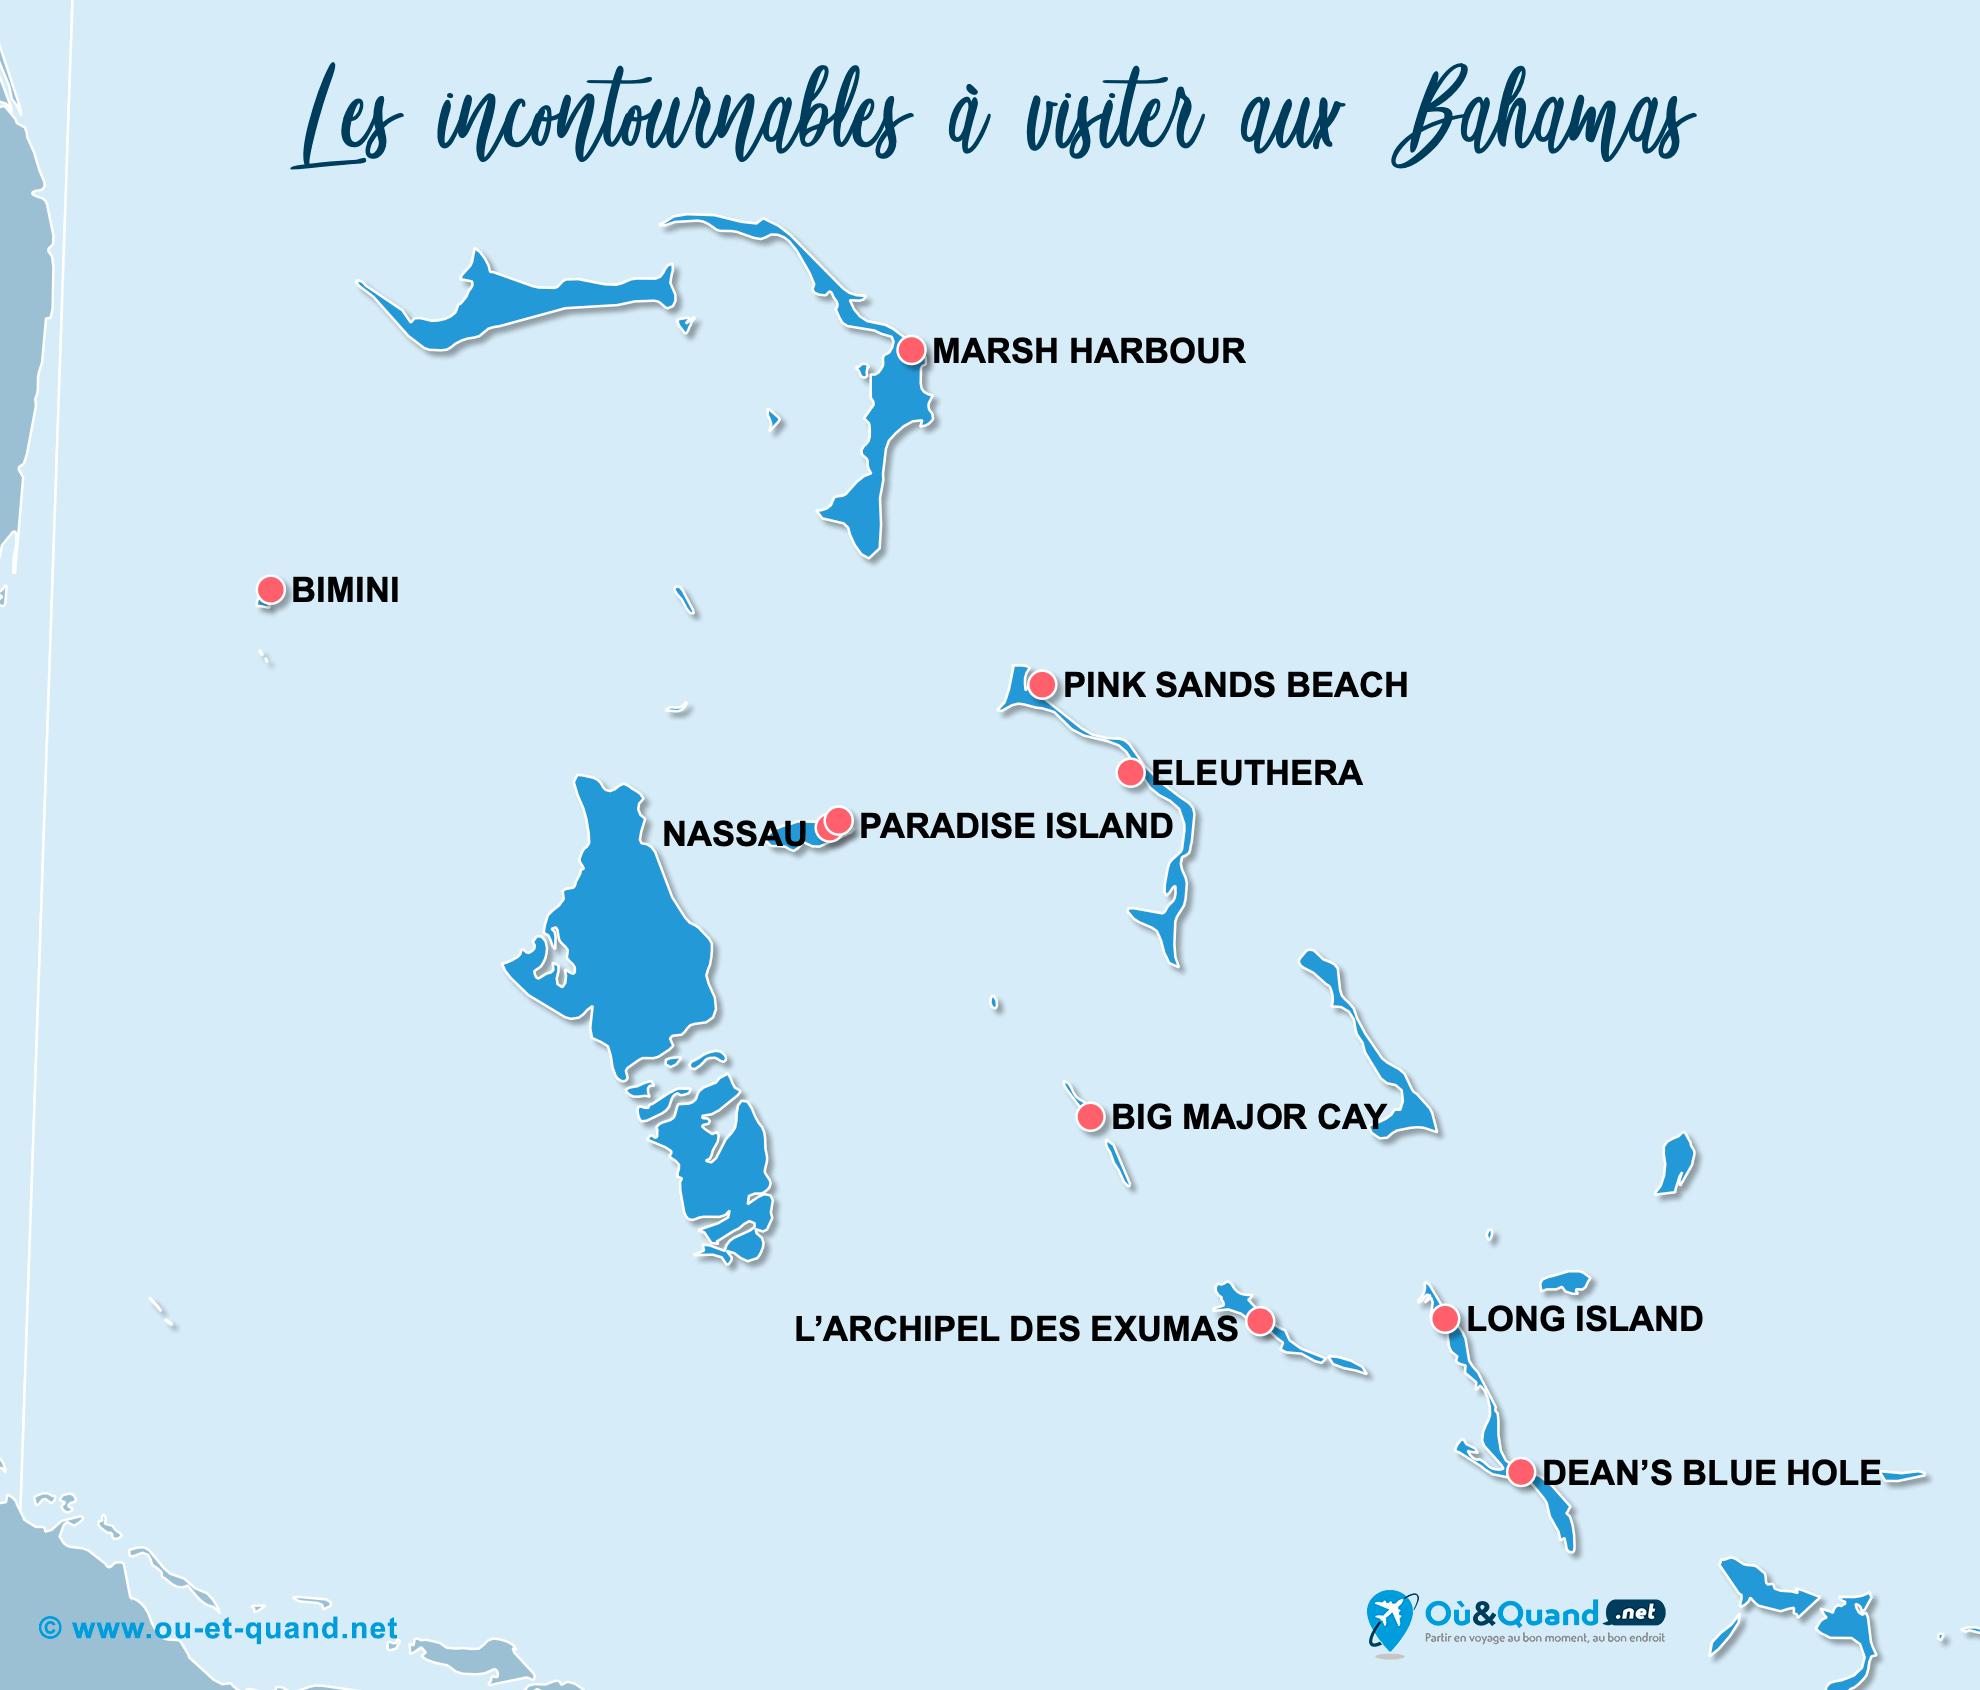 Carte Incontournables Bahamas